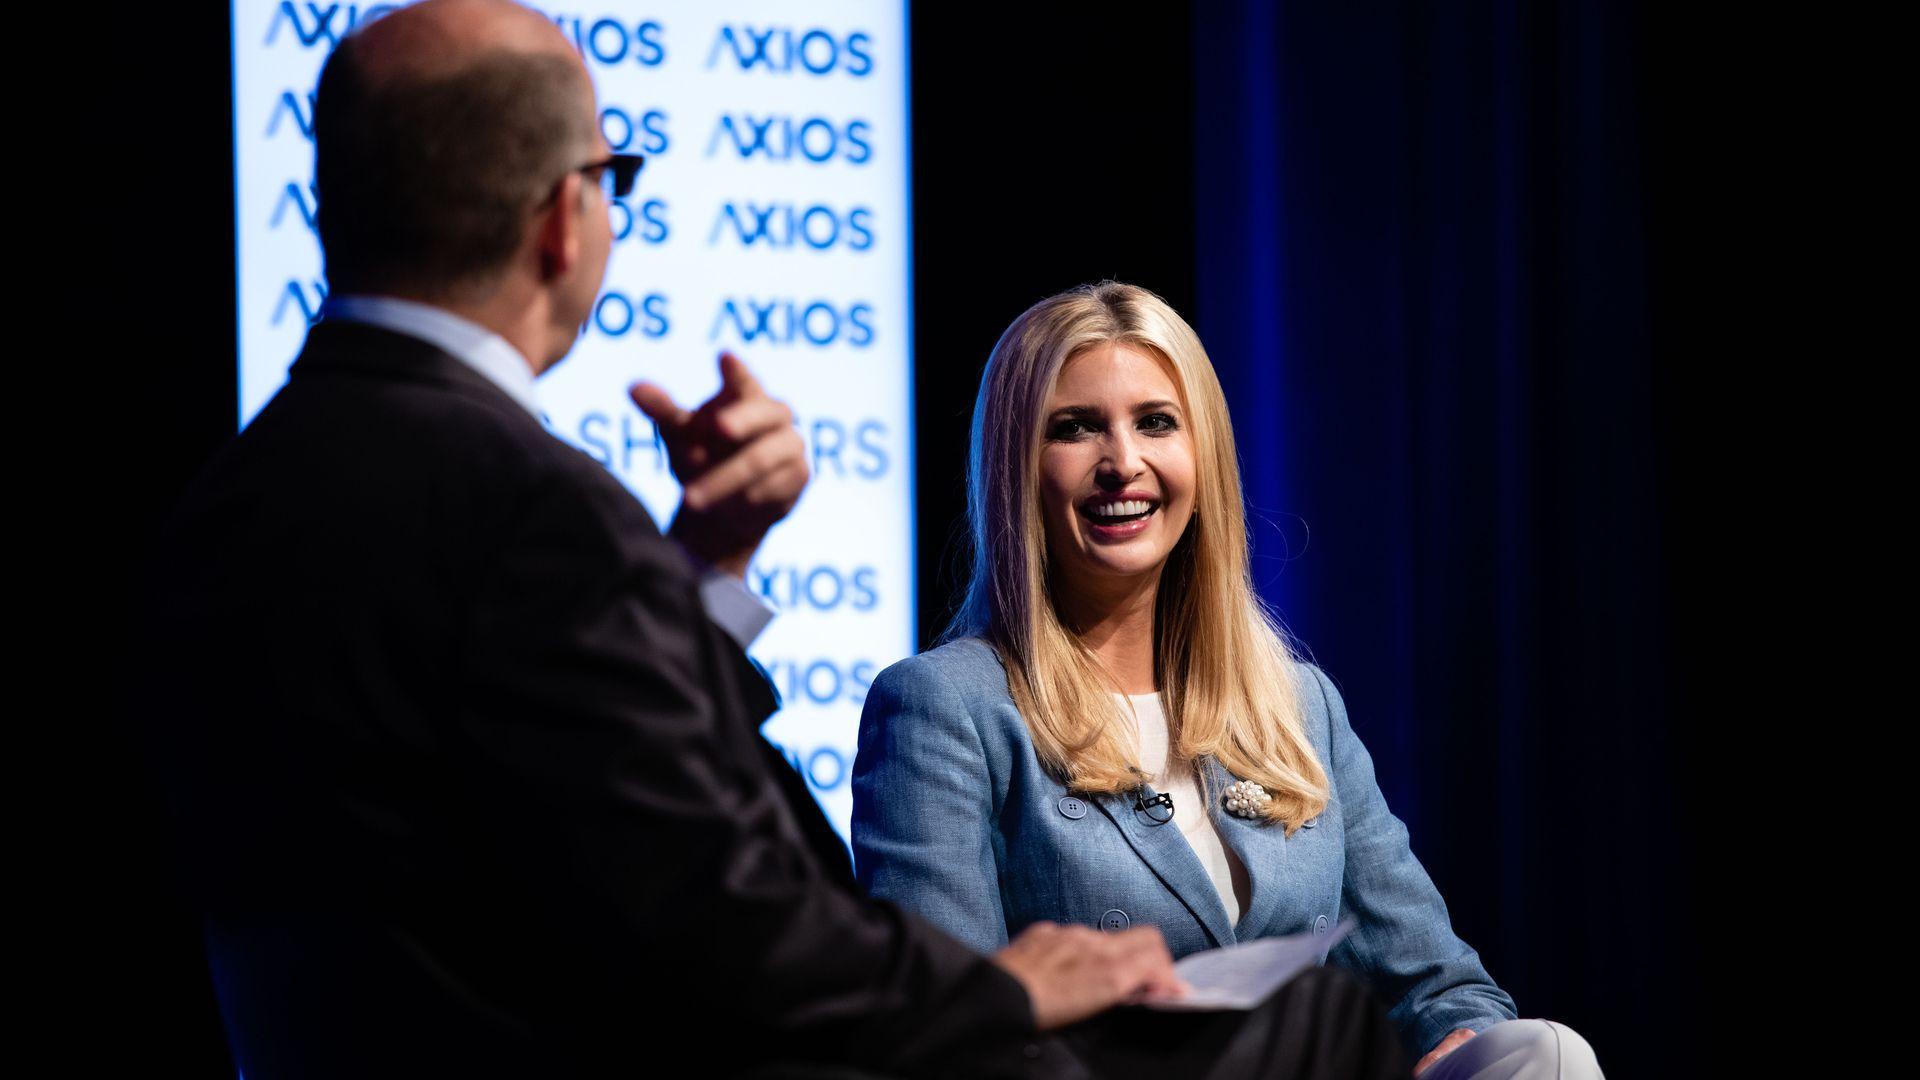 Ivanka Trump at an Axios 360 event